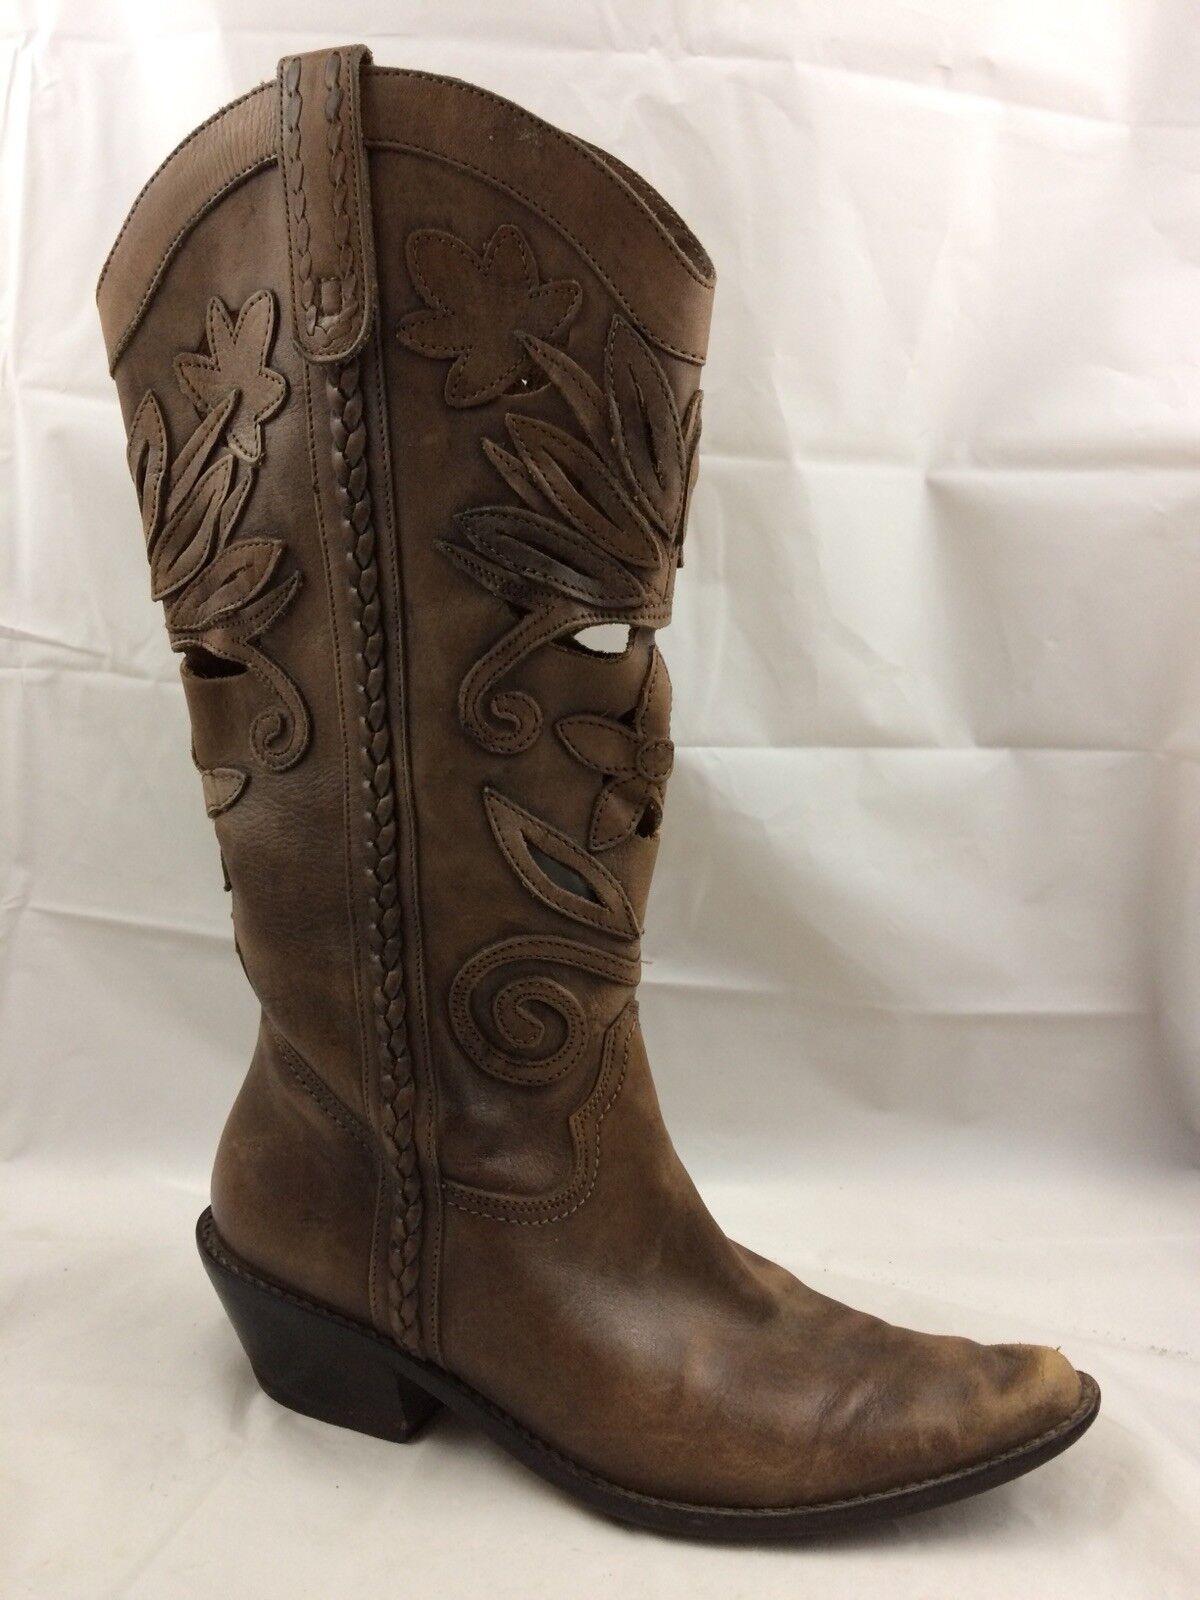 Matisse mujeres 6.5 M botas De Vaquero Cuero Marrón Alto de Floral en punta de Alto Corte 66962b